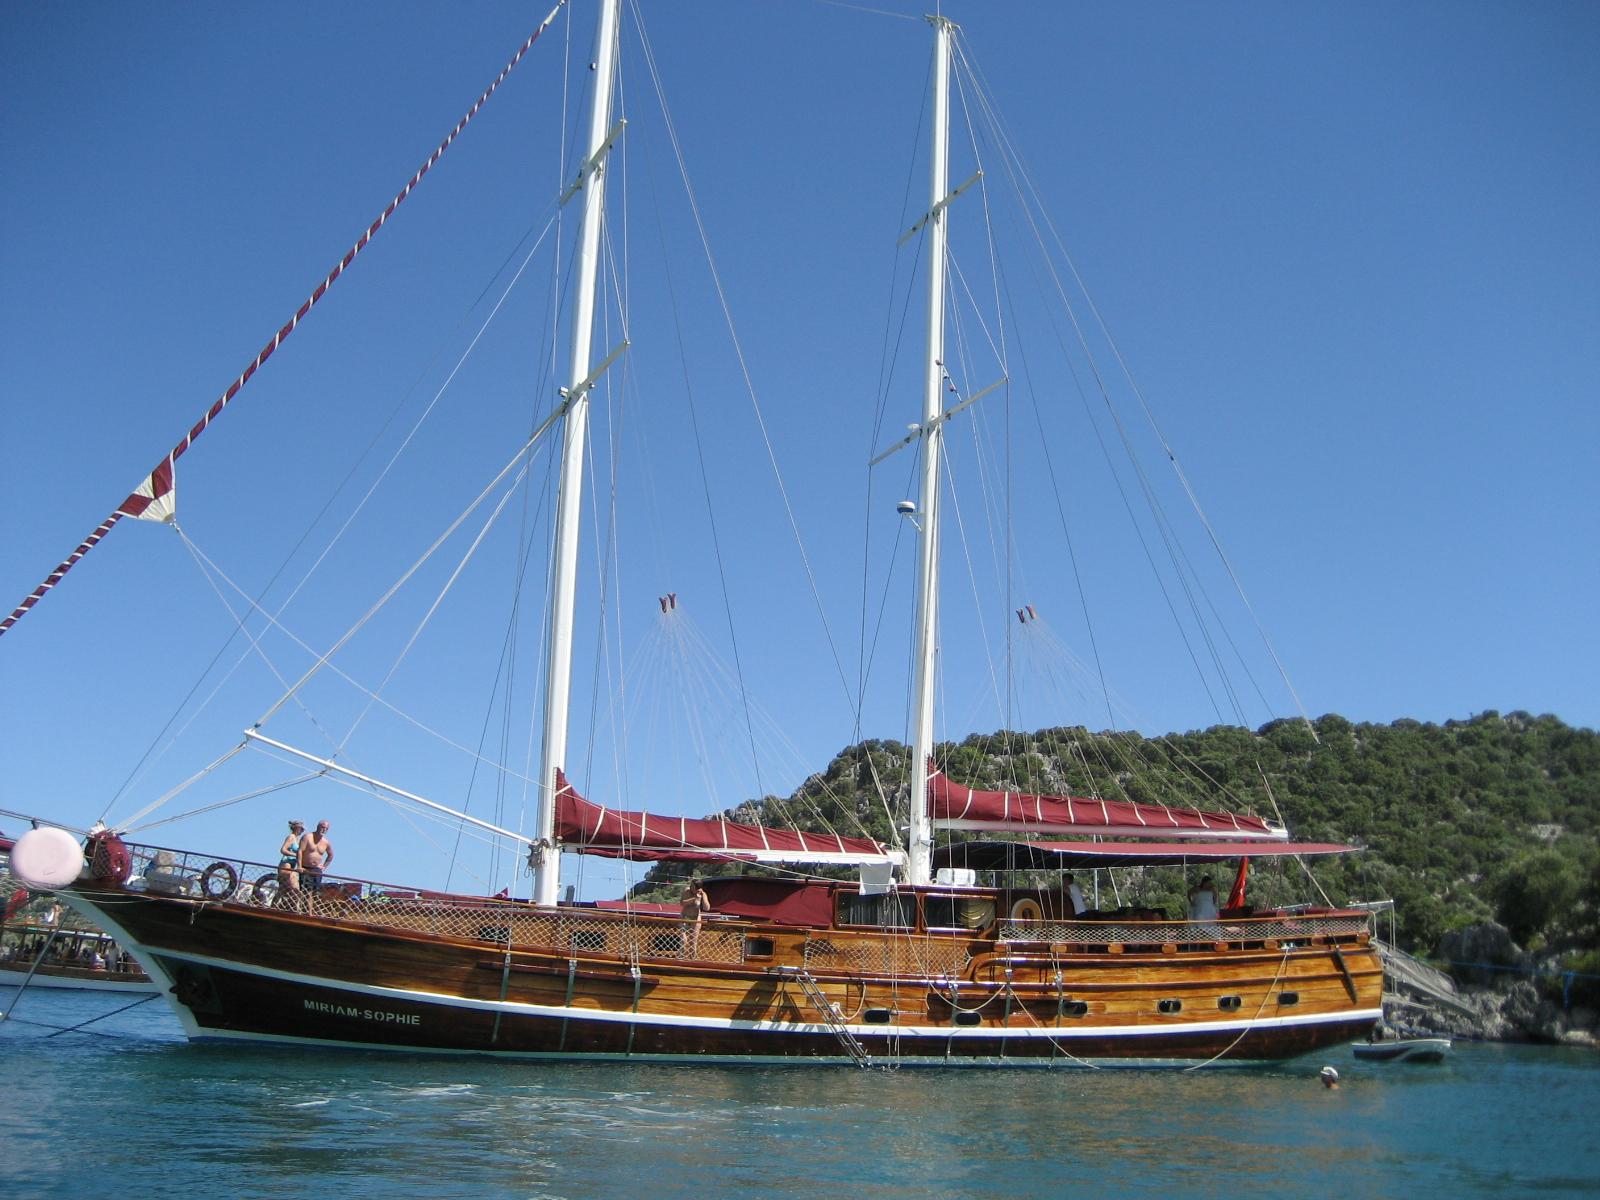 Our humble schooner